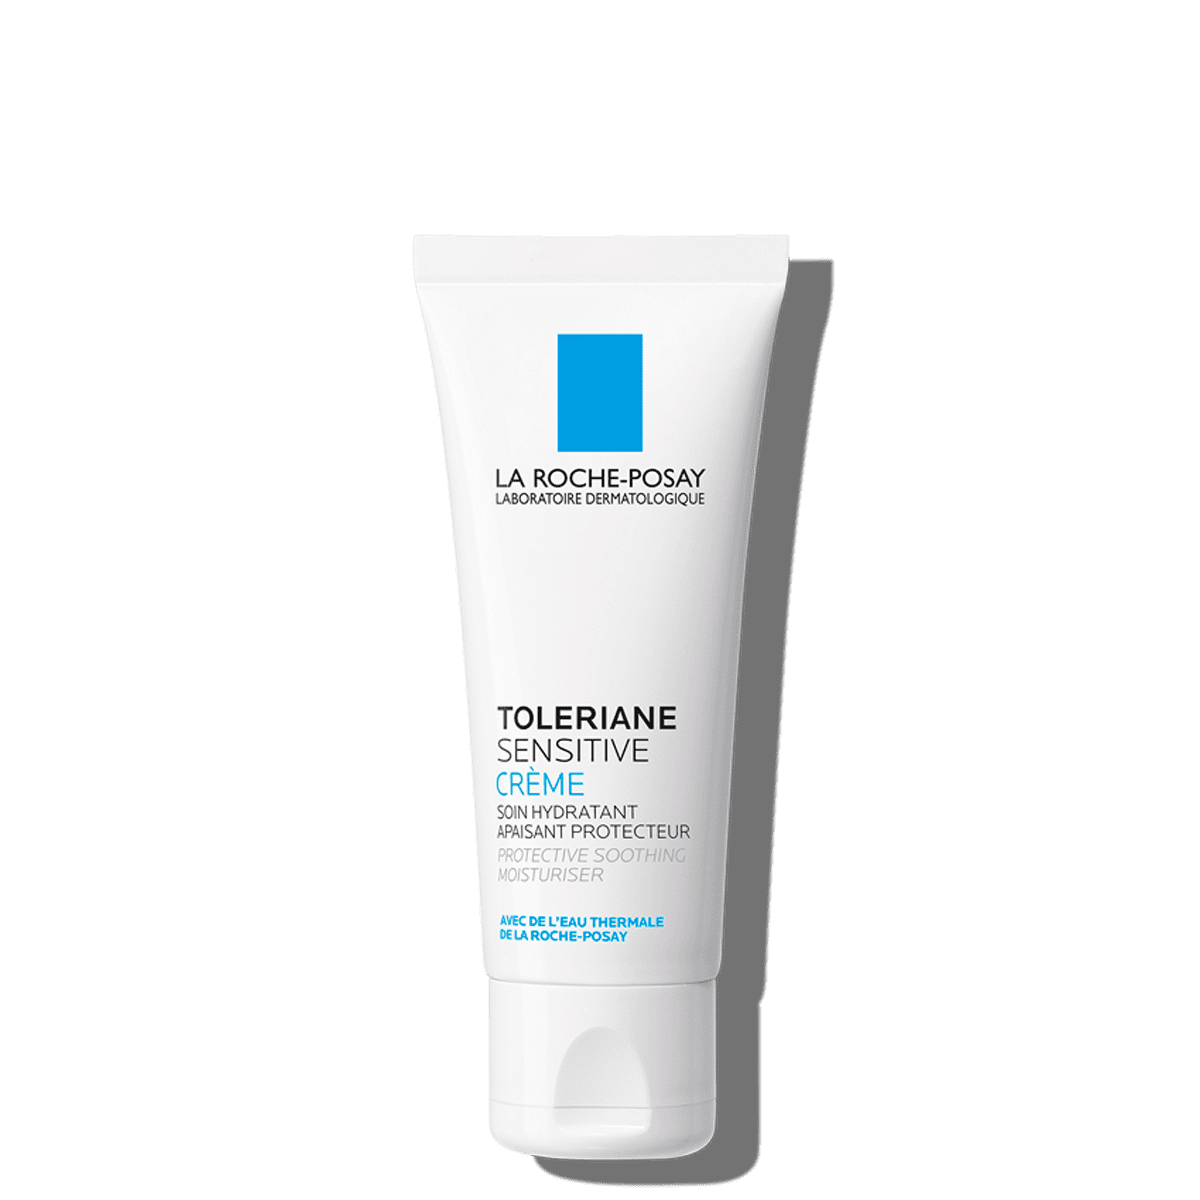 La Roche Posay Tuotesivu Herkkä Atopiaan taipuvainen iho Toleriane Sensitive Preb